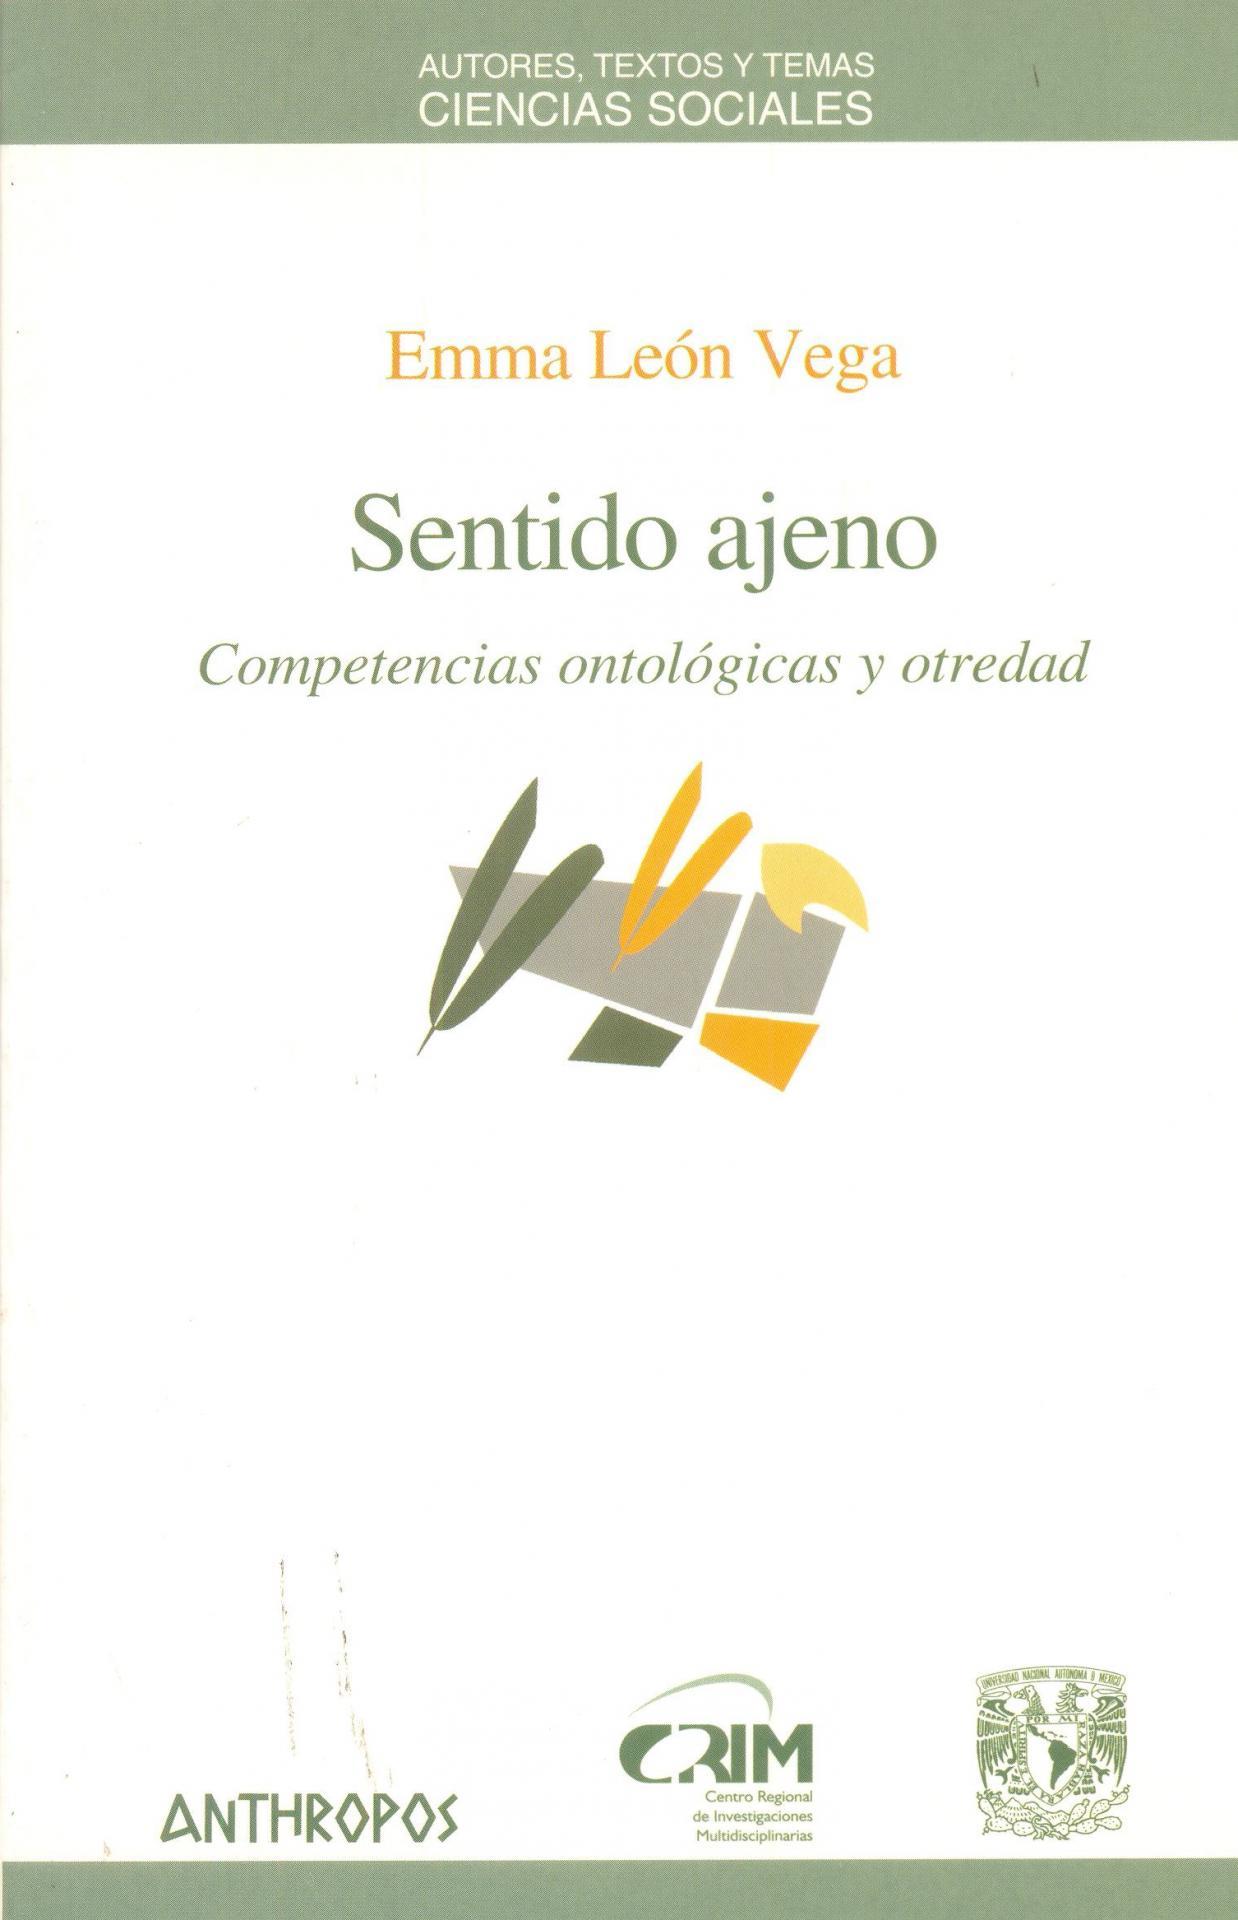 SENTIDO AJENO. Competencias ontológicas y otredad. León, E.